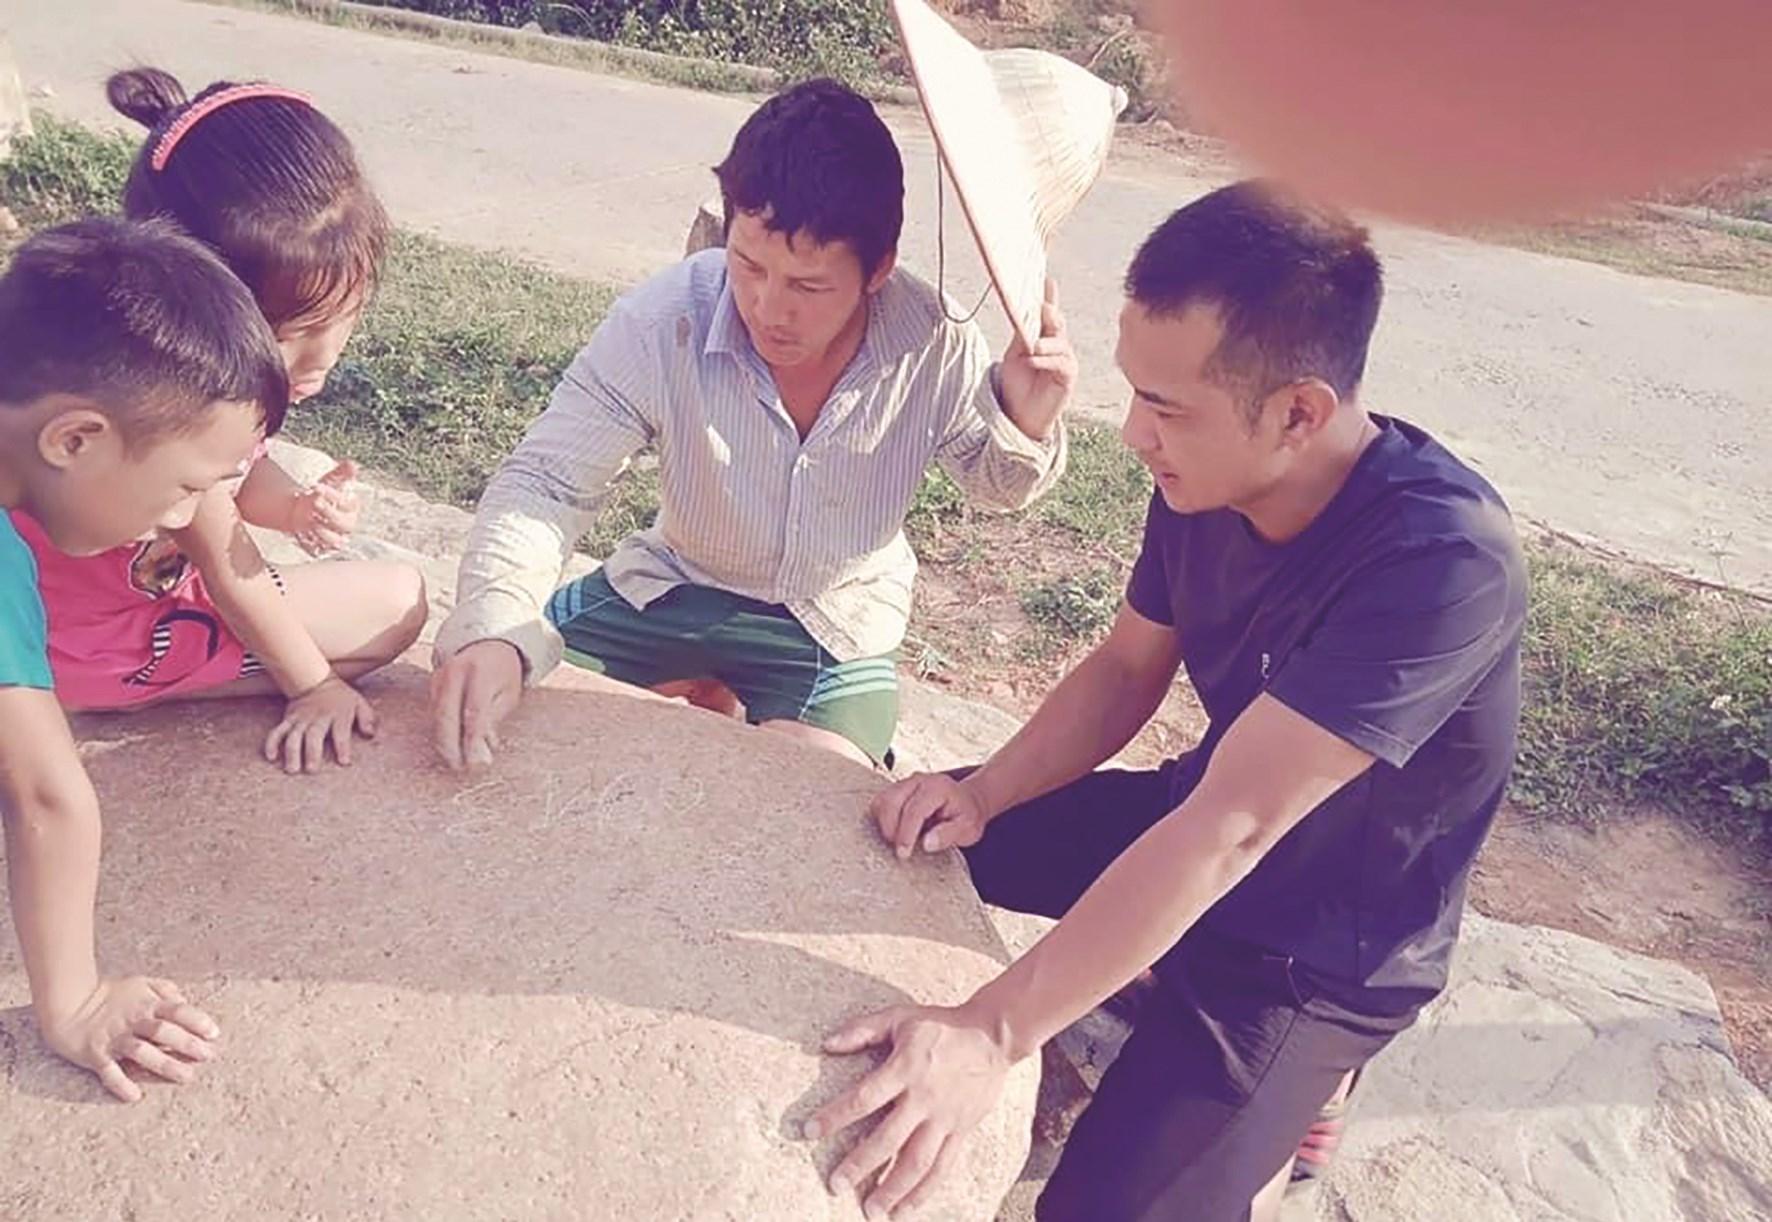 Anh Giàng A Phỏng (giữa) vẽ ý tưởng lên bàn đá để xây dựng điểm du lịch tại Bản Mù